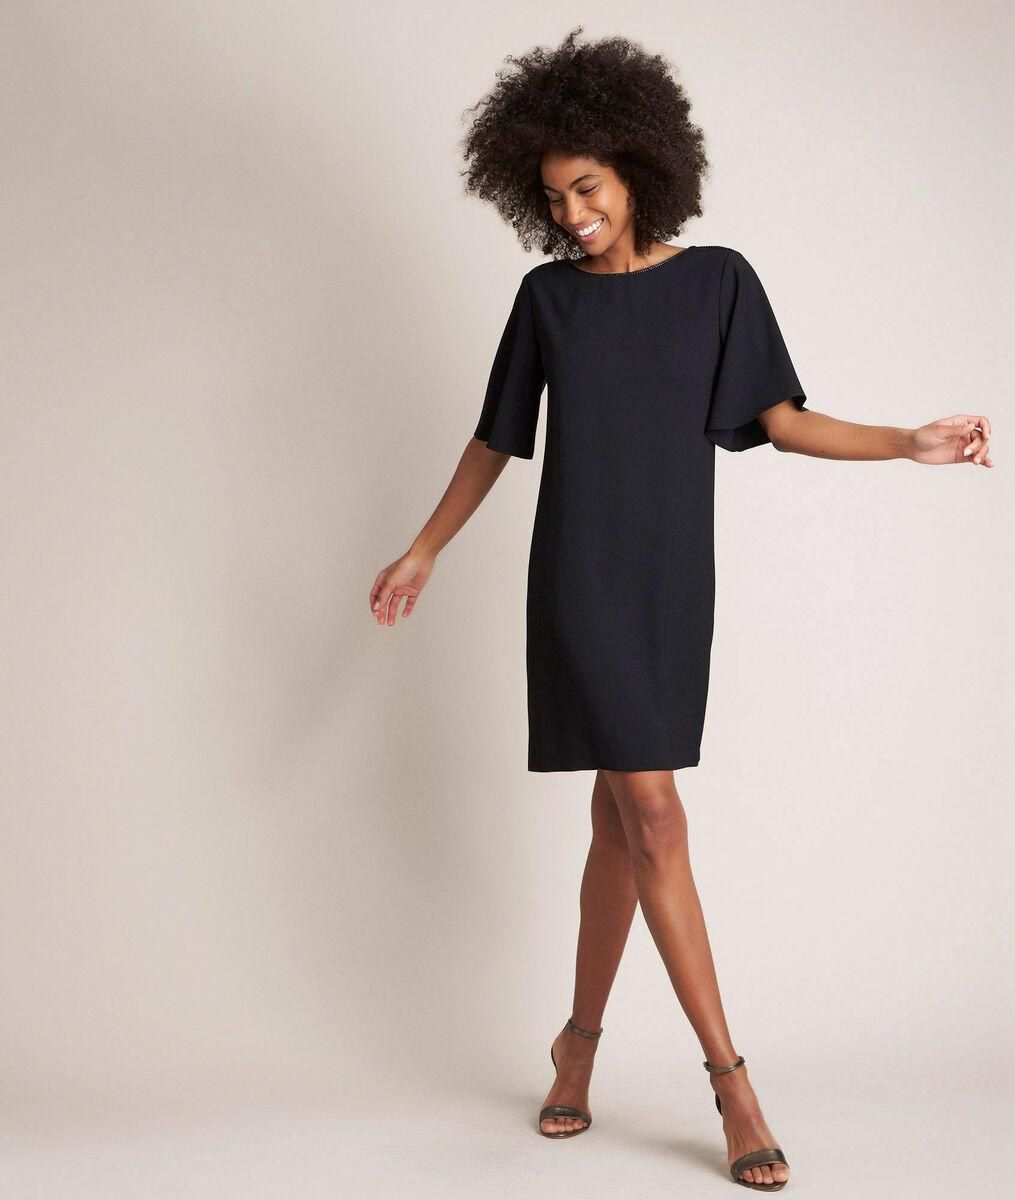 Robe Noire Droite Celia Femme Maison 123